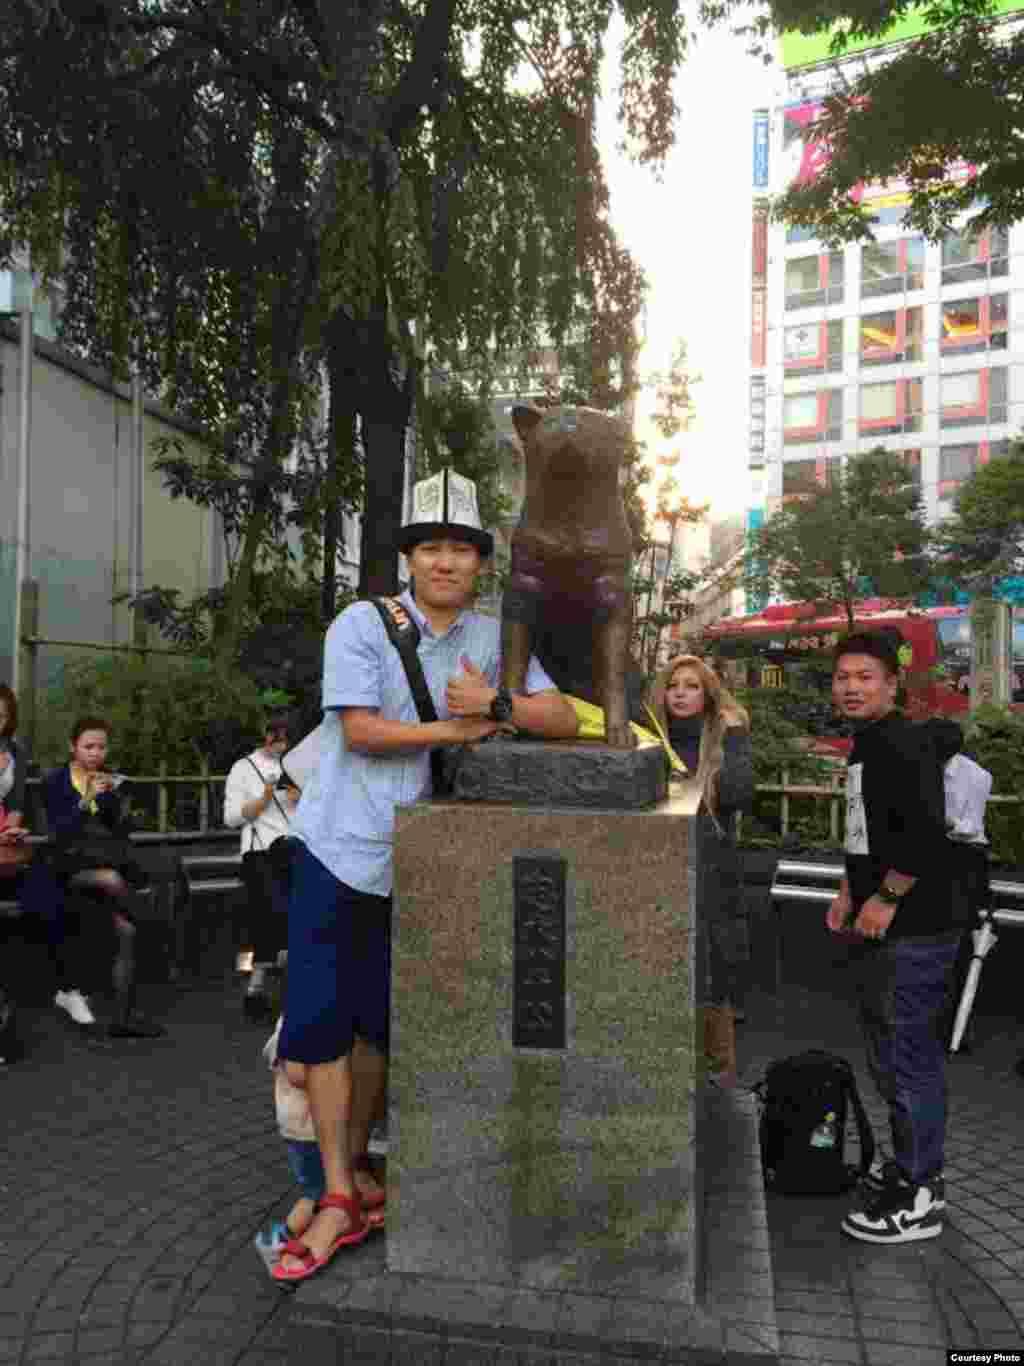 Путешественник. Моя профессия - путешествие. Я хочу увидеть новый мир, вернуться в Кыргызстан и привнести свои идеи.